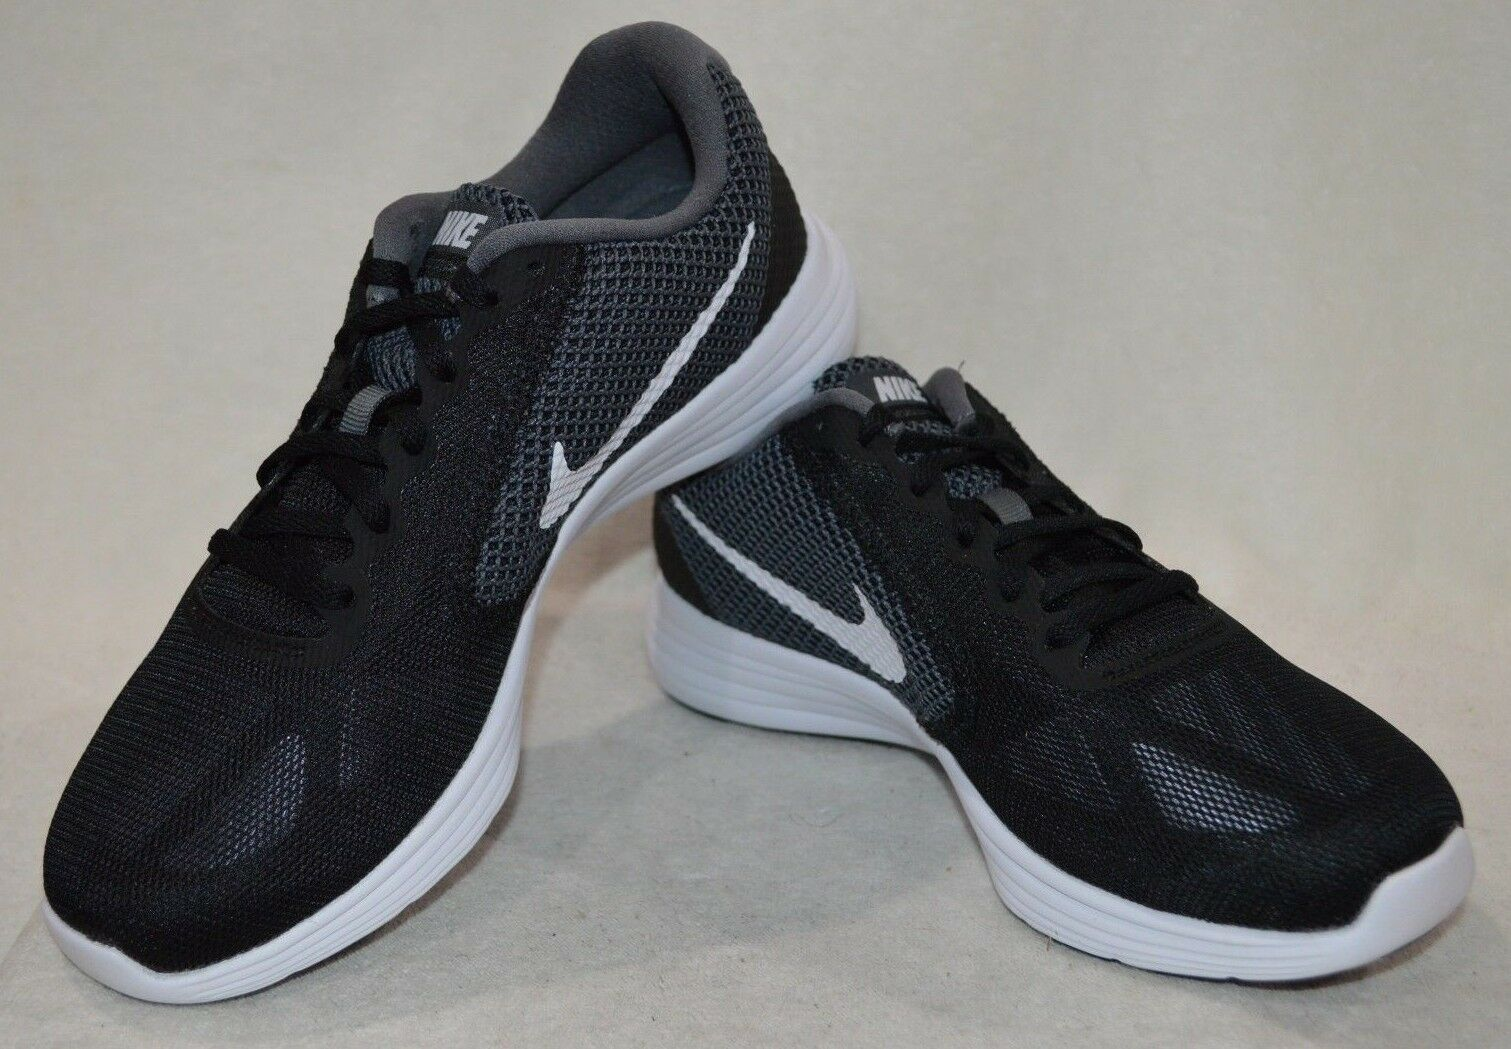 Nike Nike Nike grigio   bianco   nero rivoluzione 3 le scarpe da corsa asst confezioni ampia 2e nwb | A Primo Posto Tra Prodotti Simili  90d994